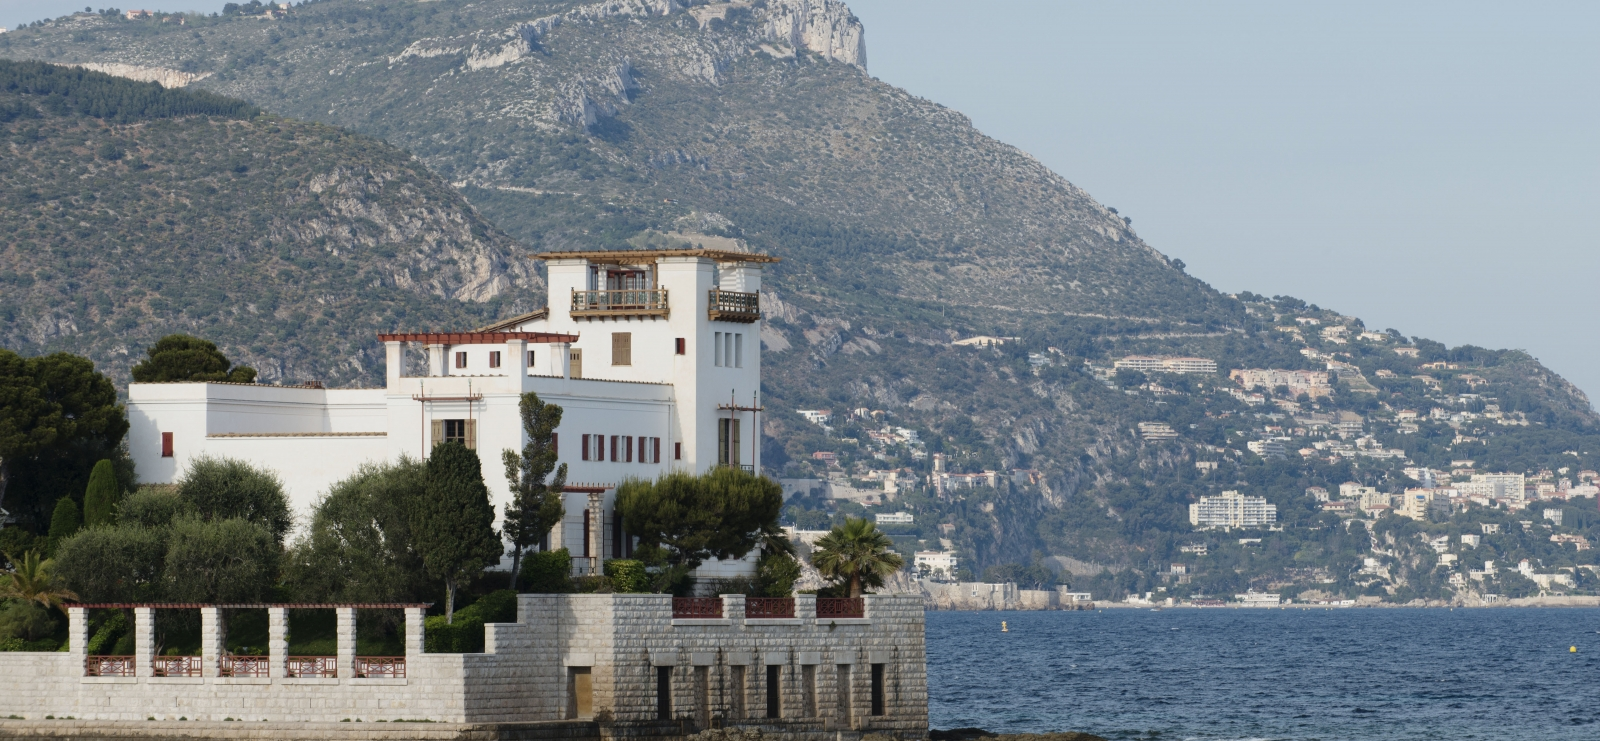 Groupes- Villa Kerylos, l'antiquité rêvée d'un Humaniste